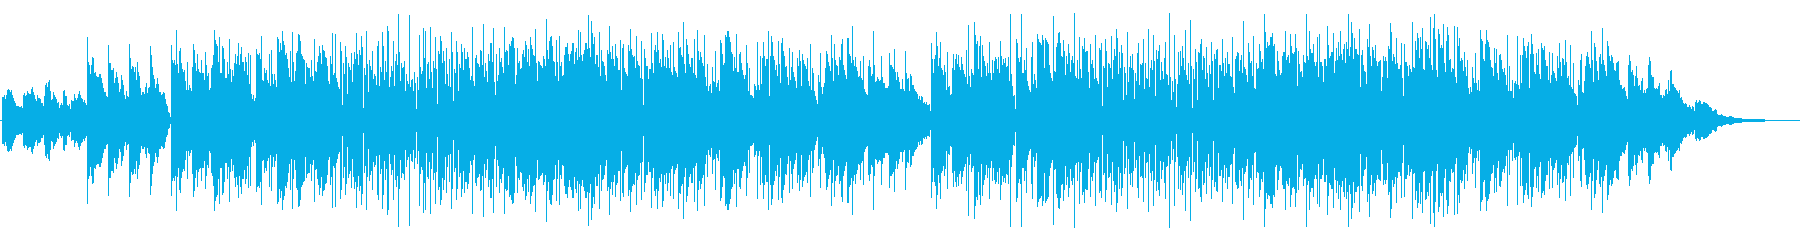 バブルな雰囲気のスムースジャズサックスの再生済みの波形